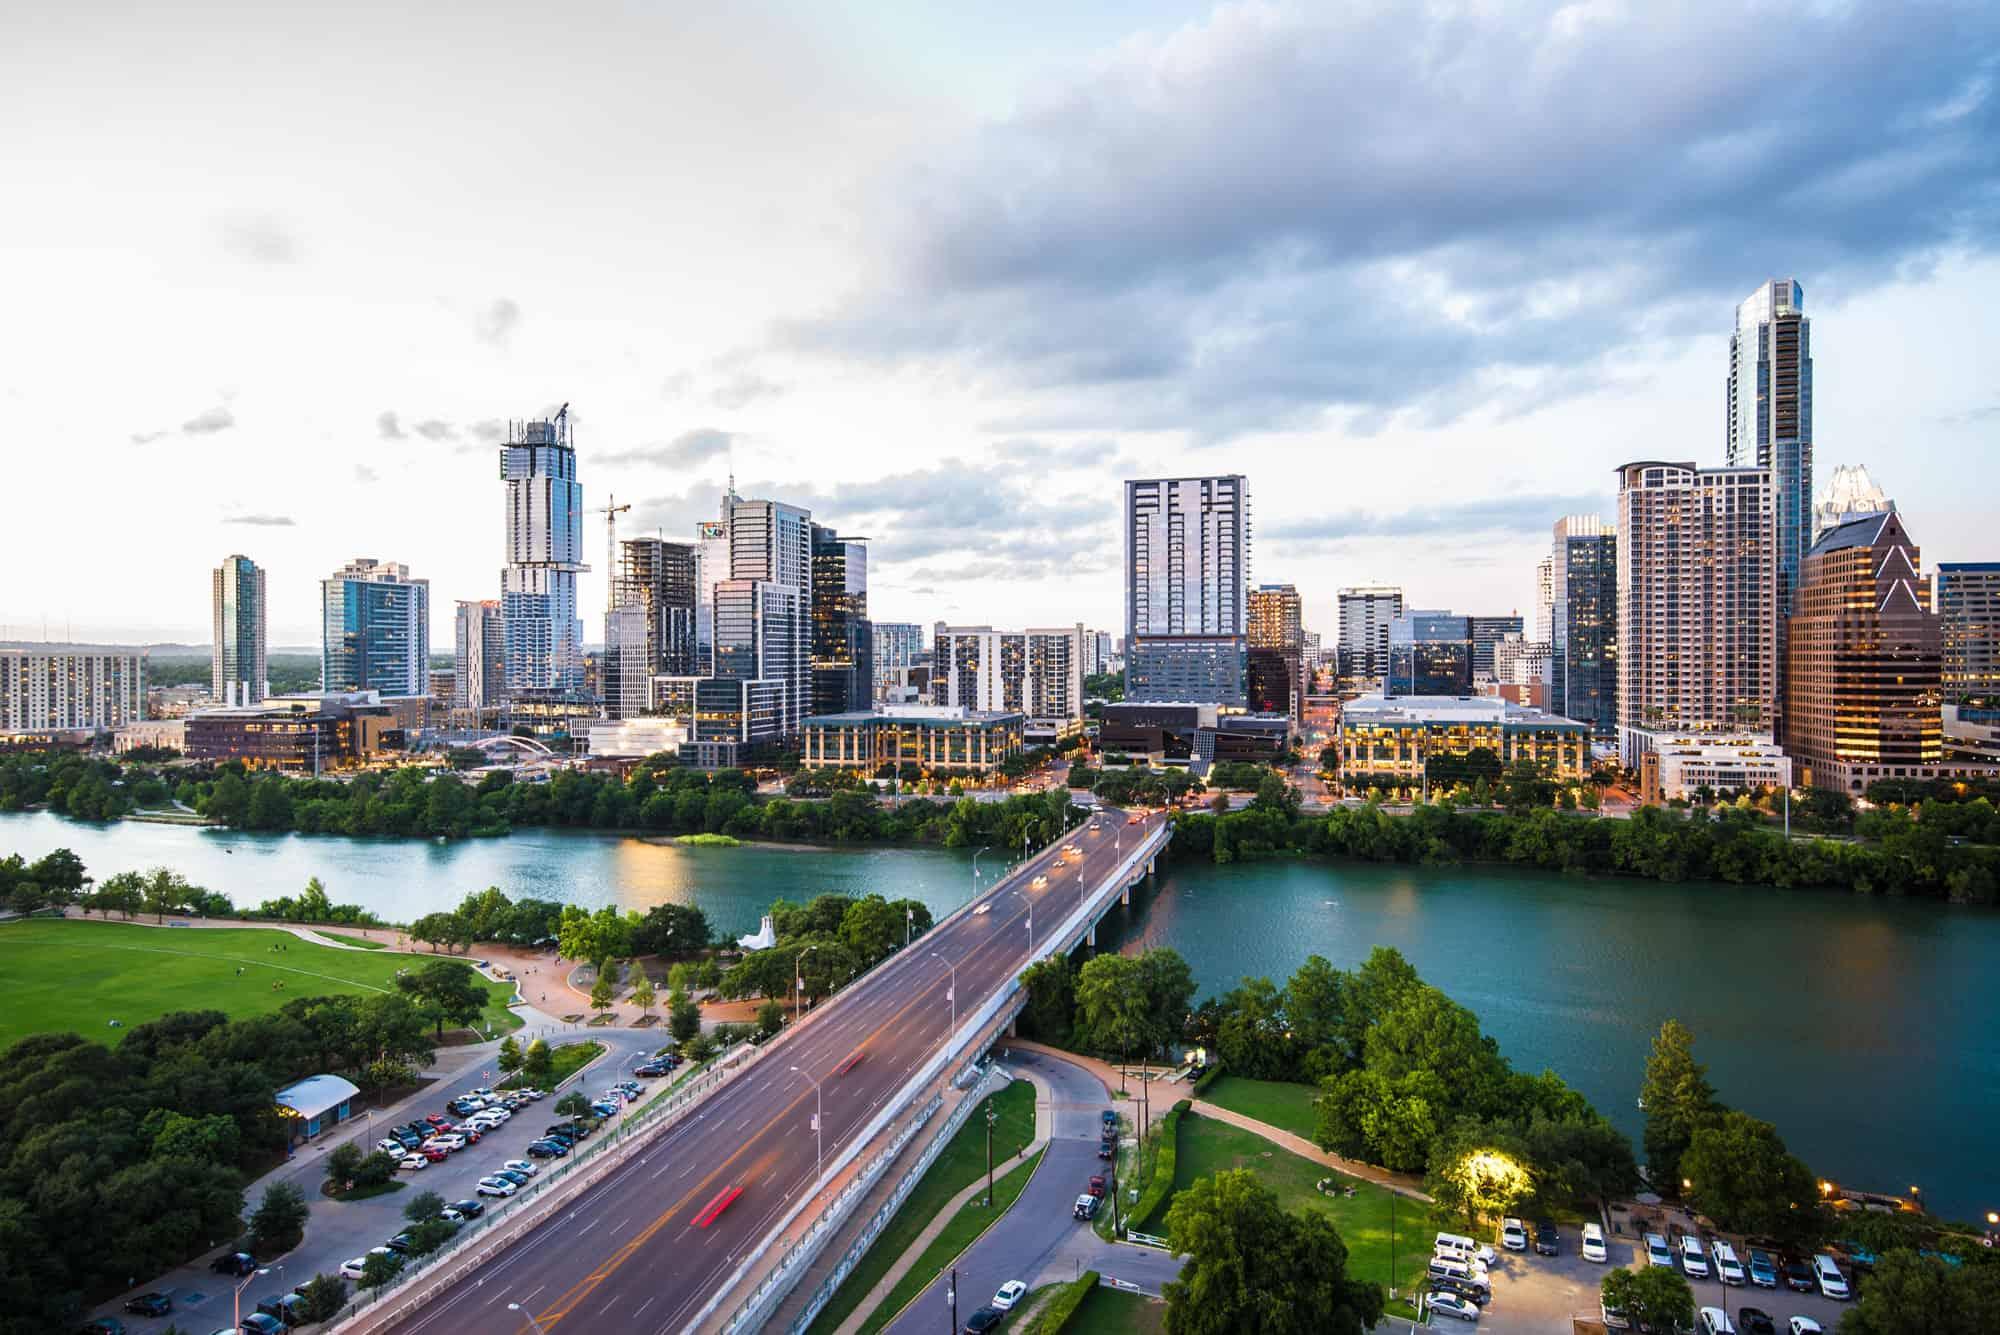 The Austin city skyline.